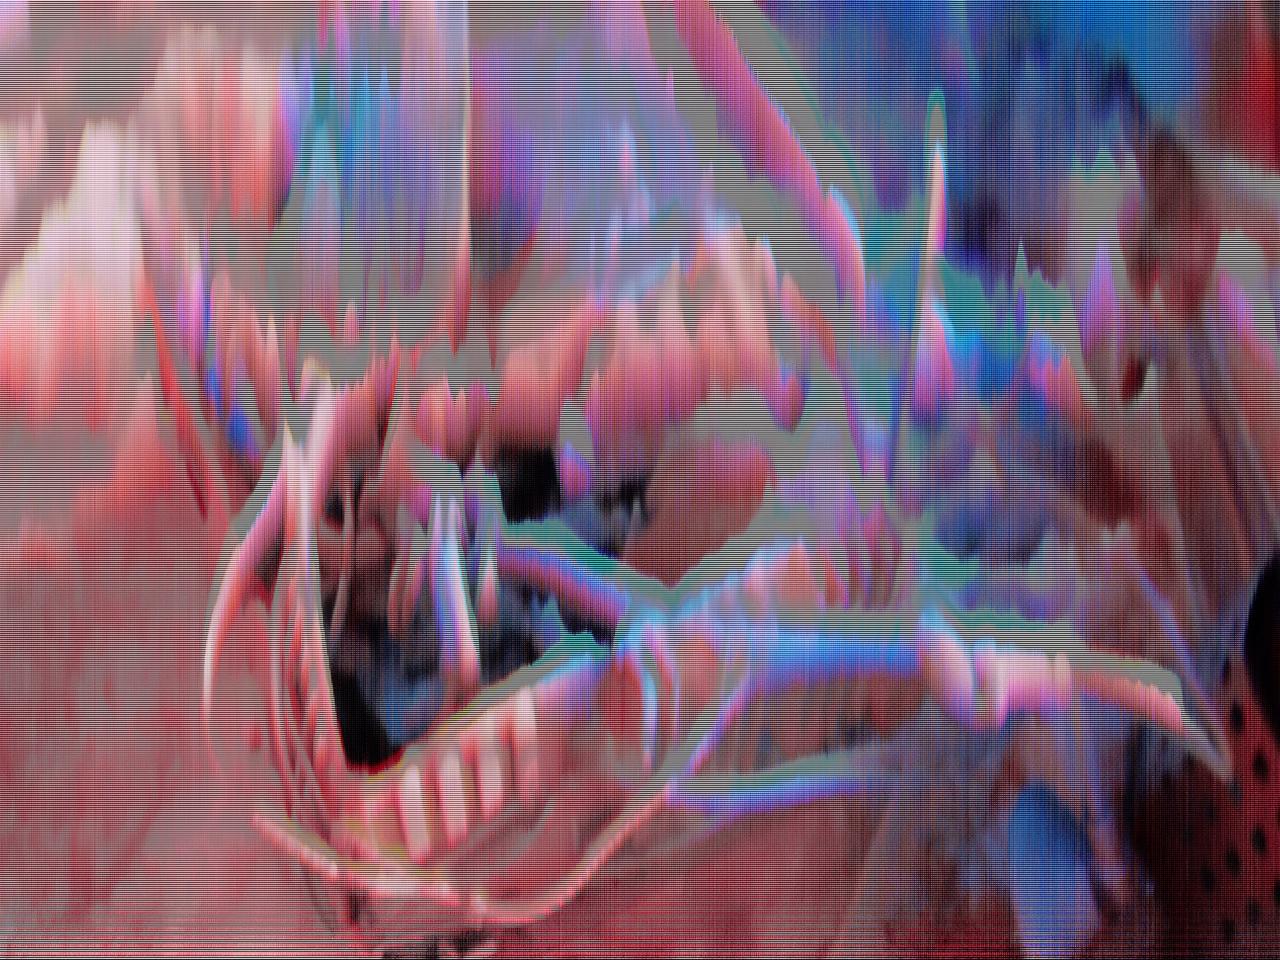 Glitch Photo I by Geso | Glitch Art / Photography / Digital Art